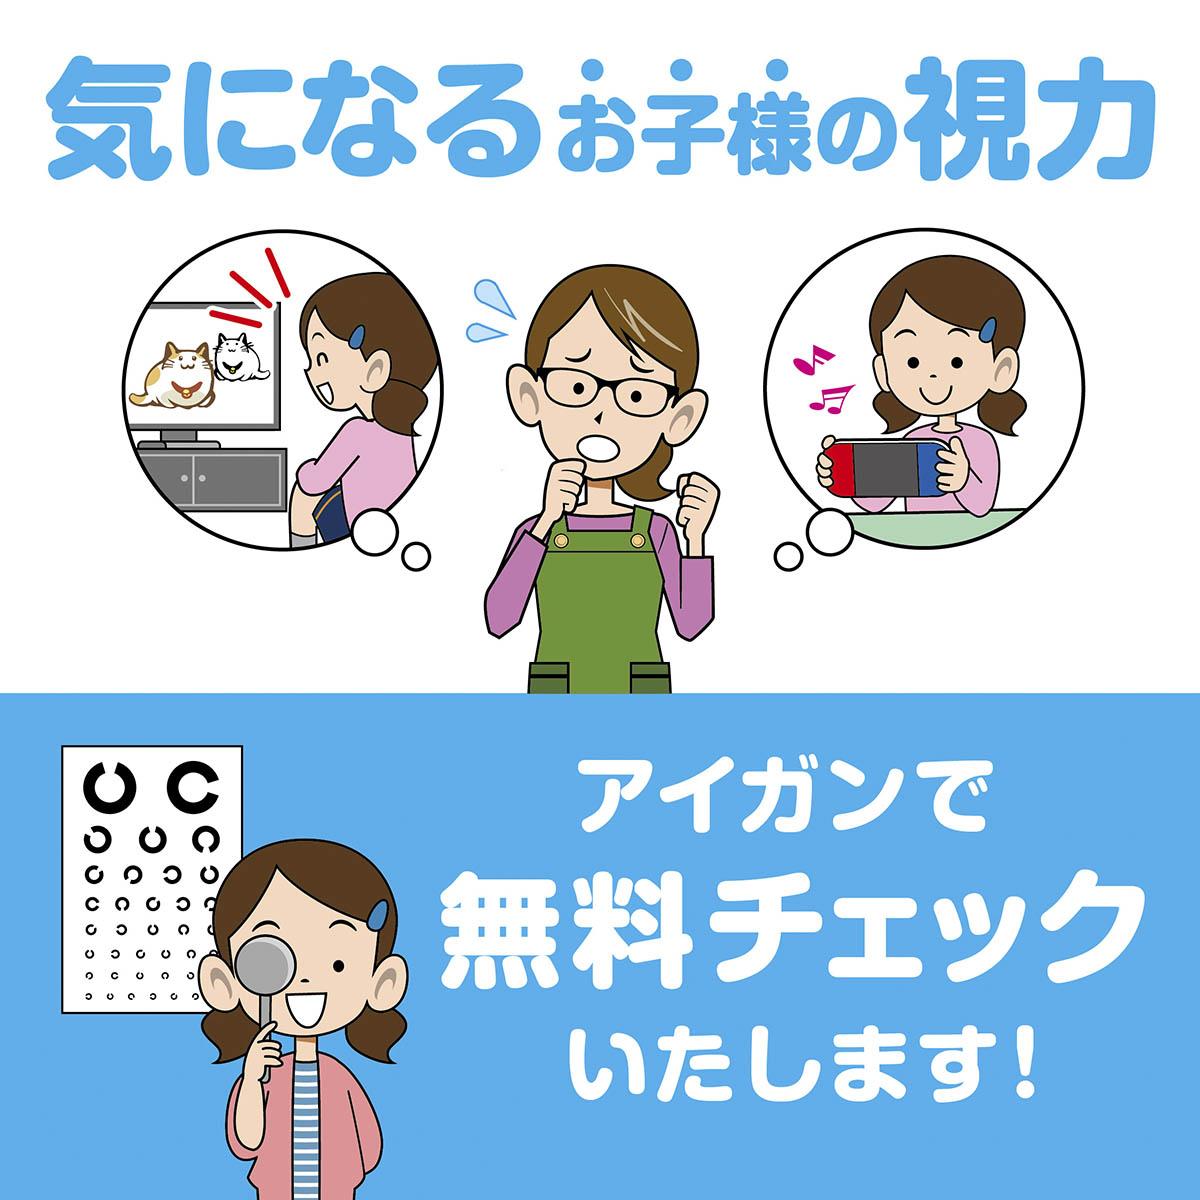 メガネのアイガン 気になるお子様の視力チェック!無料で実施中:イメージ